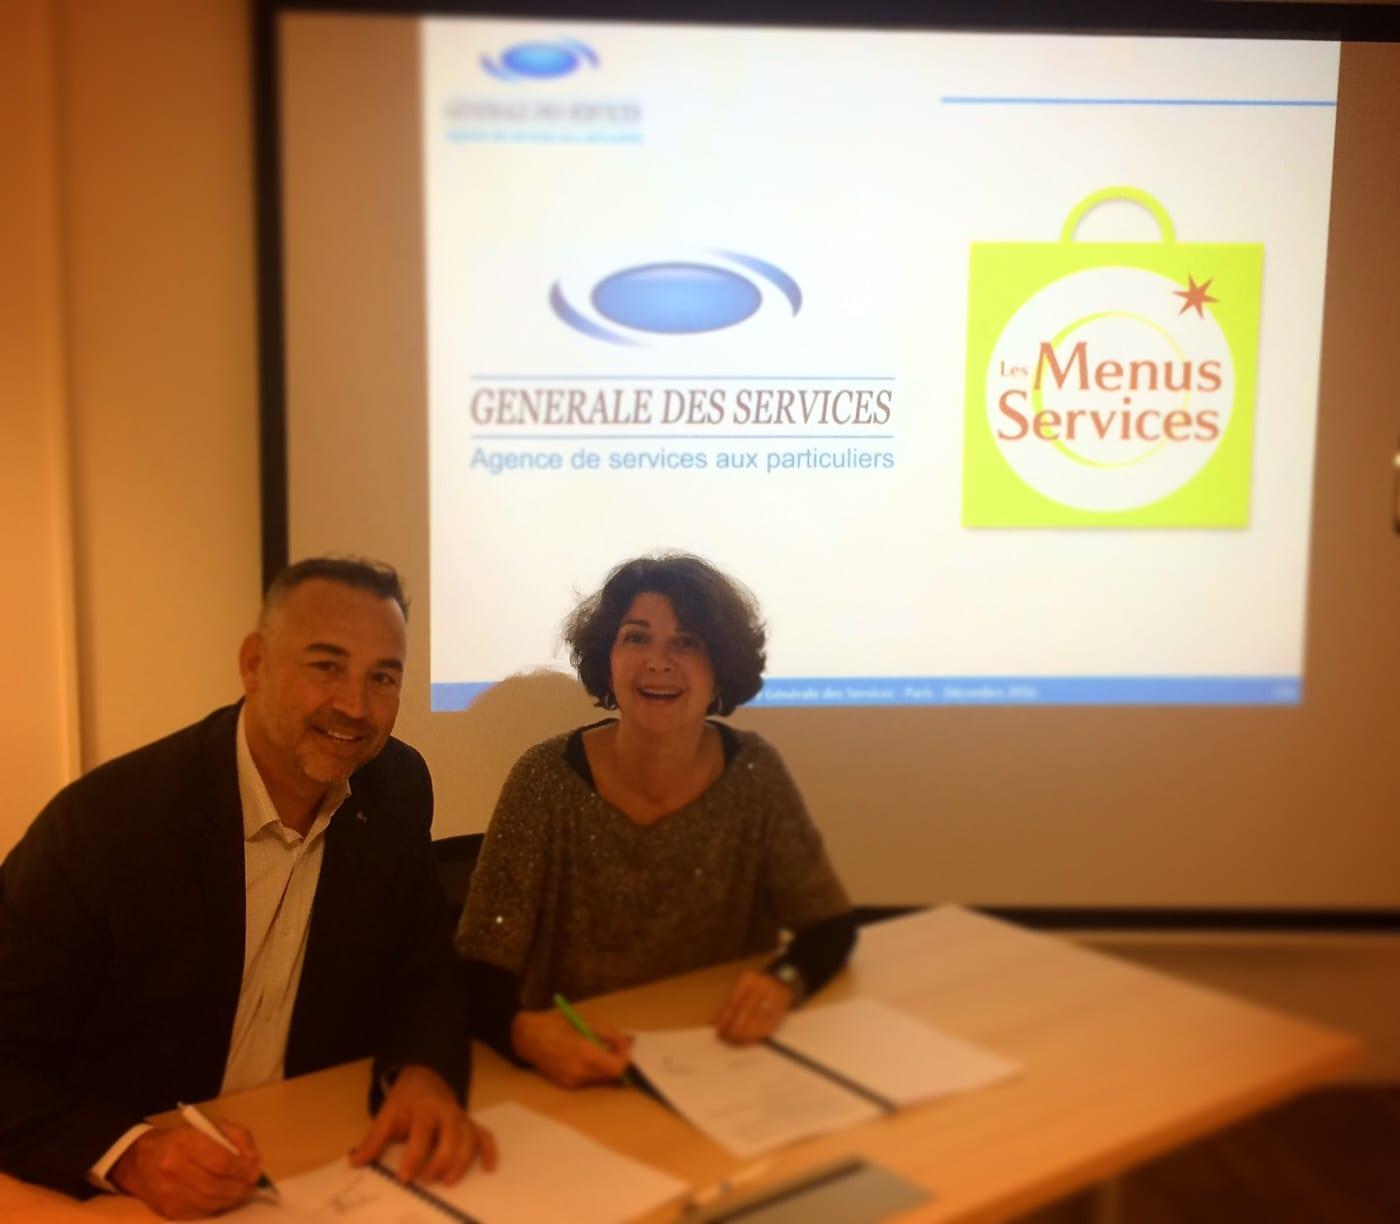 Partenariat entre Les Menus Services et Générale des services